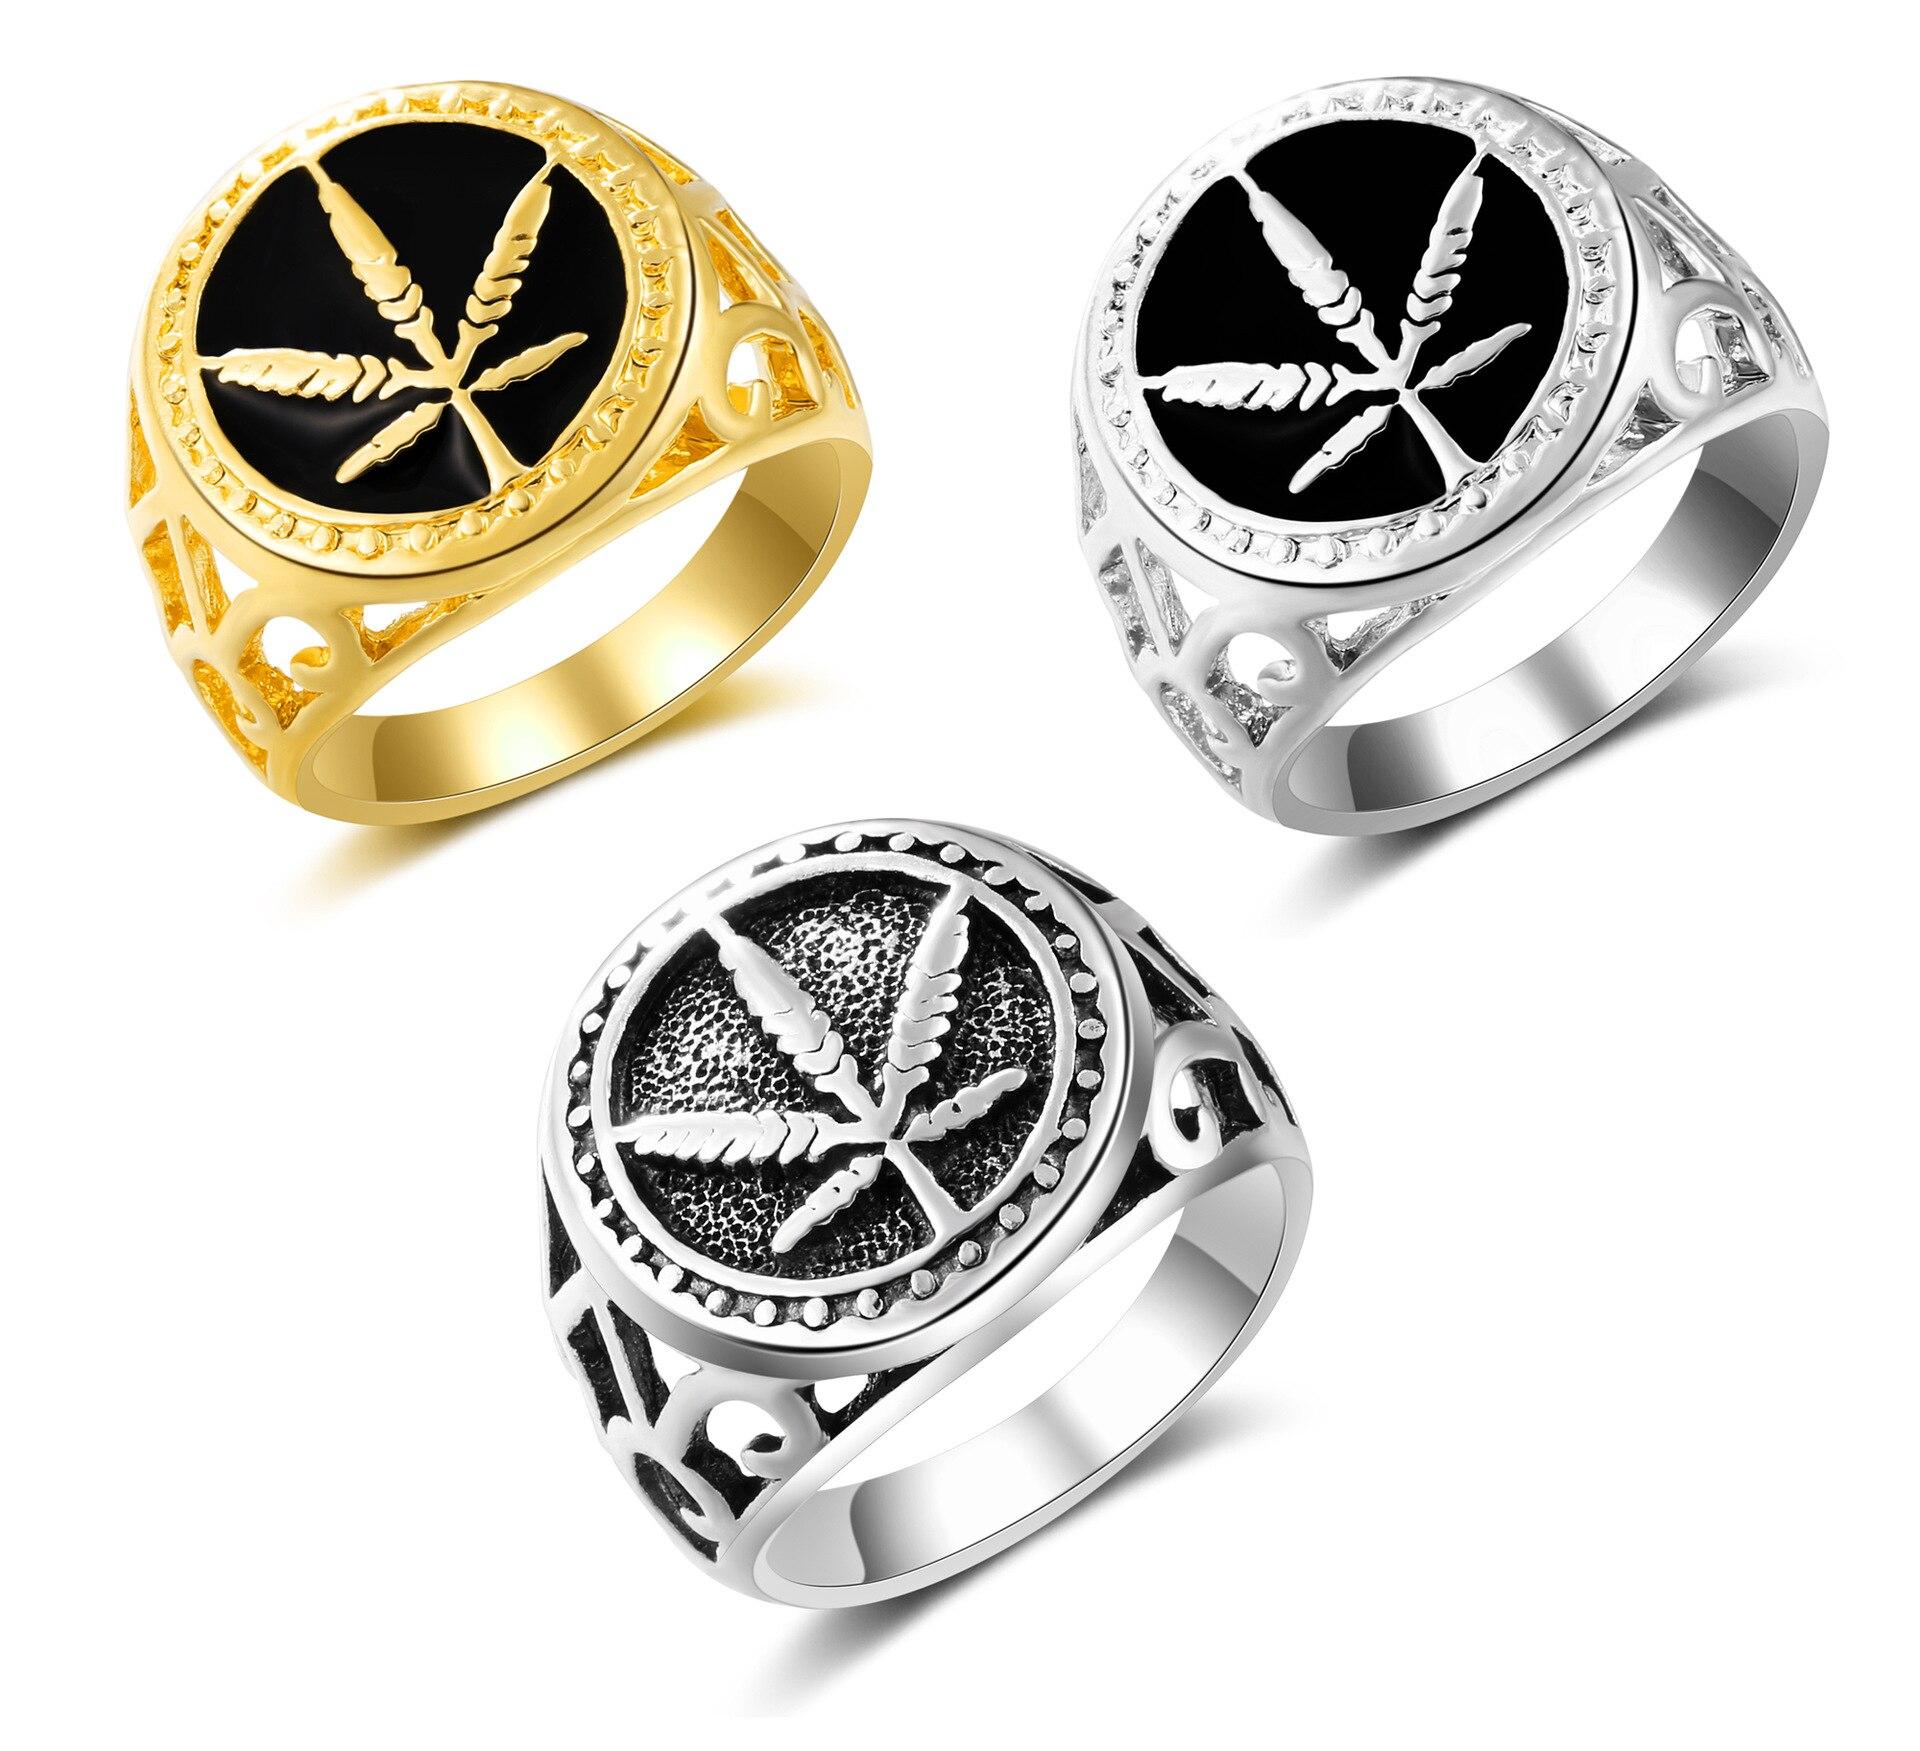 Мужской Перстень в готическом панк стиле, винтажный перстень с круглым Кленовым листом, ювелирное изделие